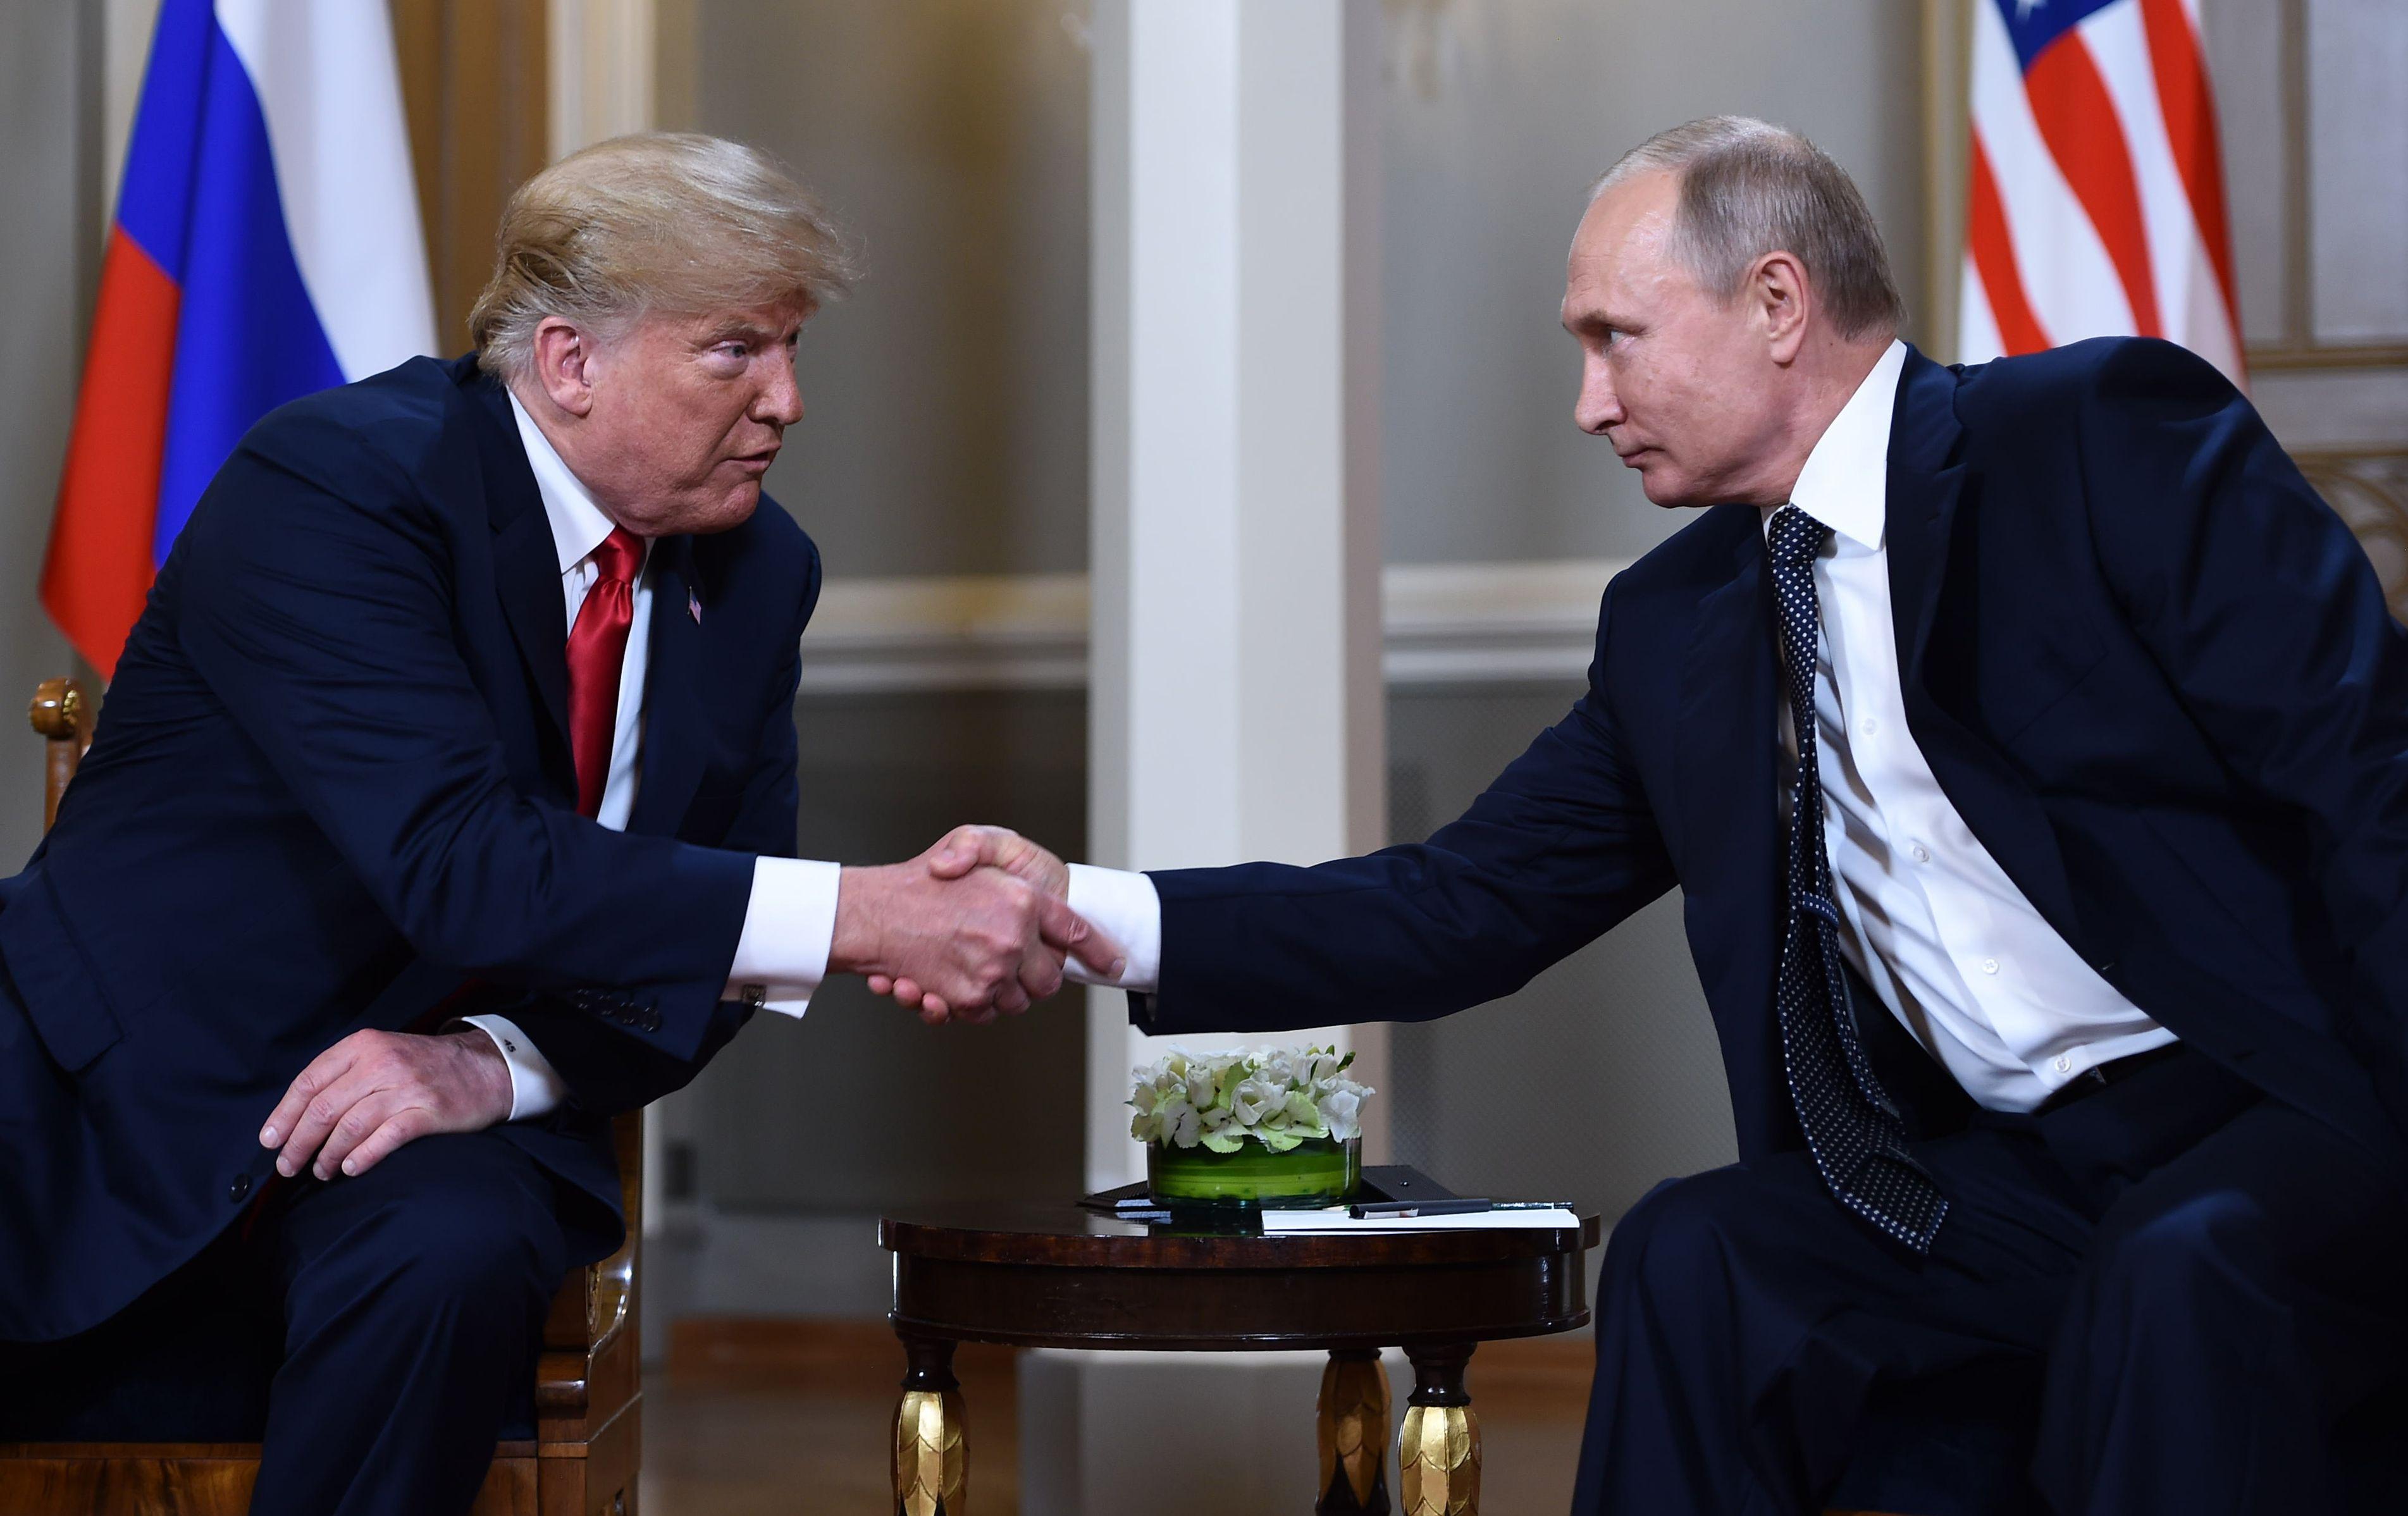 Putin e Trump muovono contro il nuovo ordine mondiale: la battaglia finale